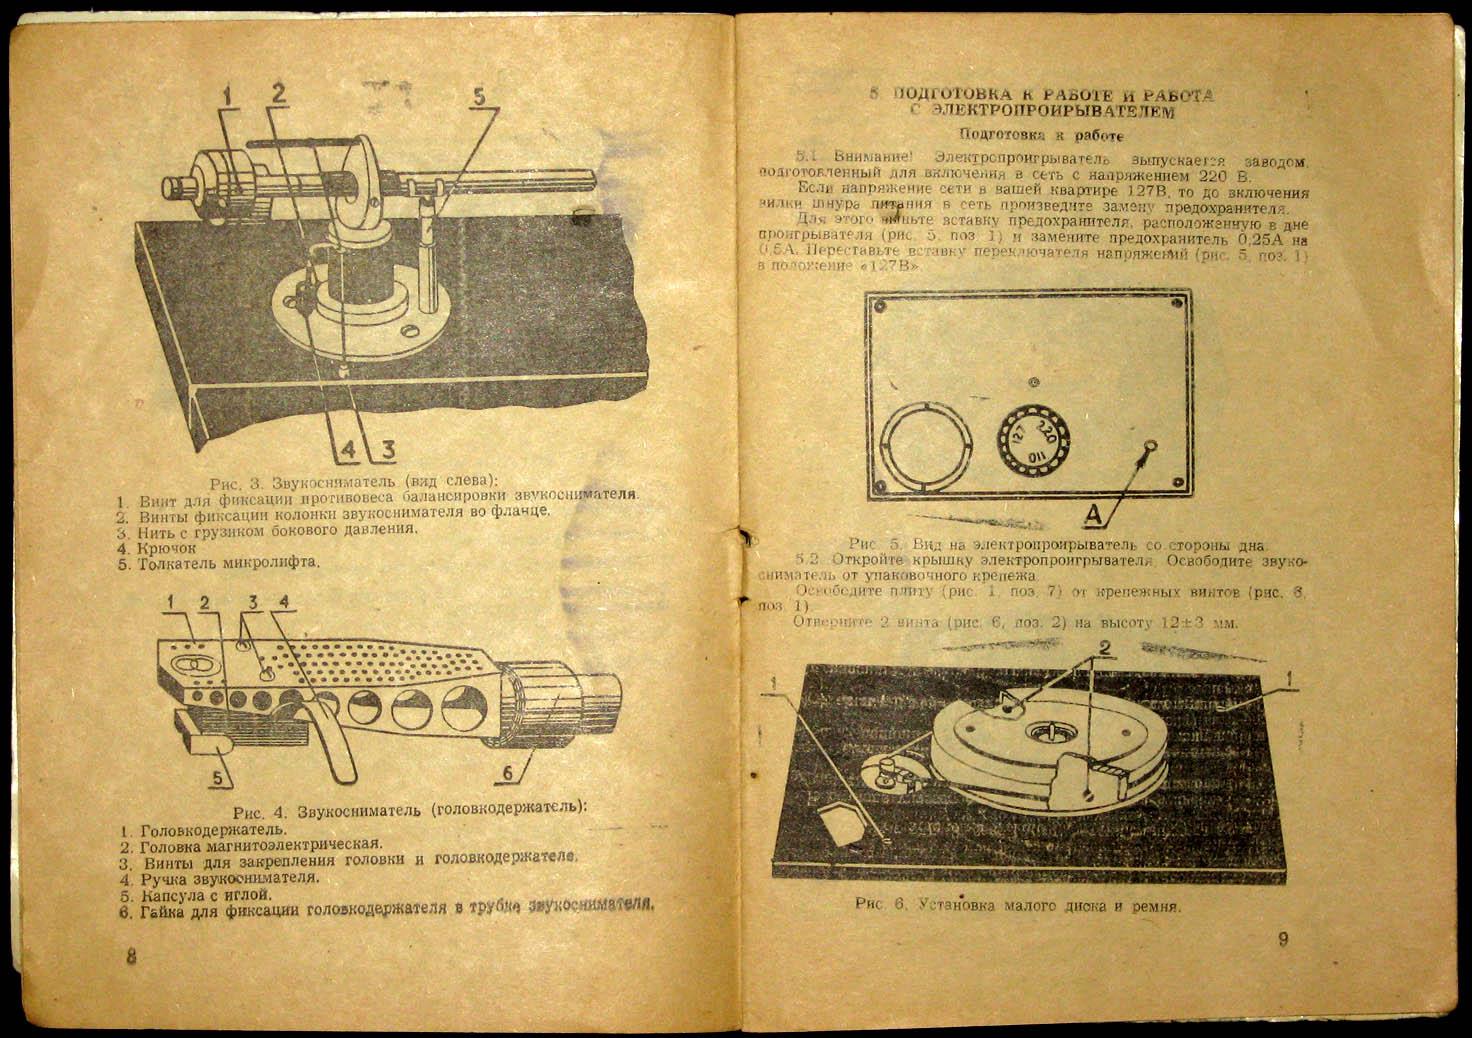 Электроника д1 011 схема